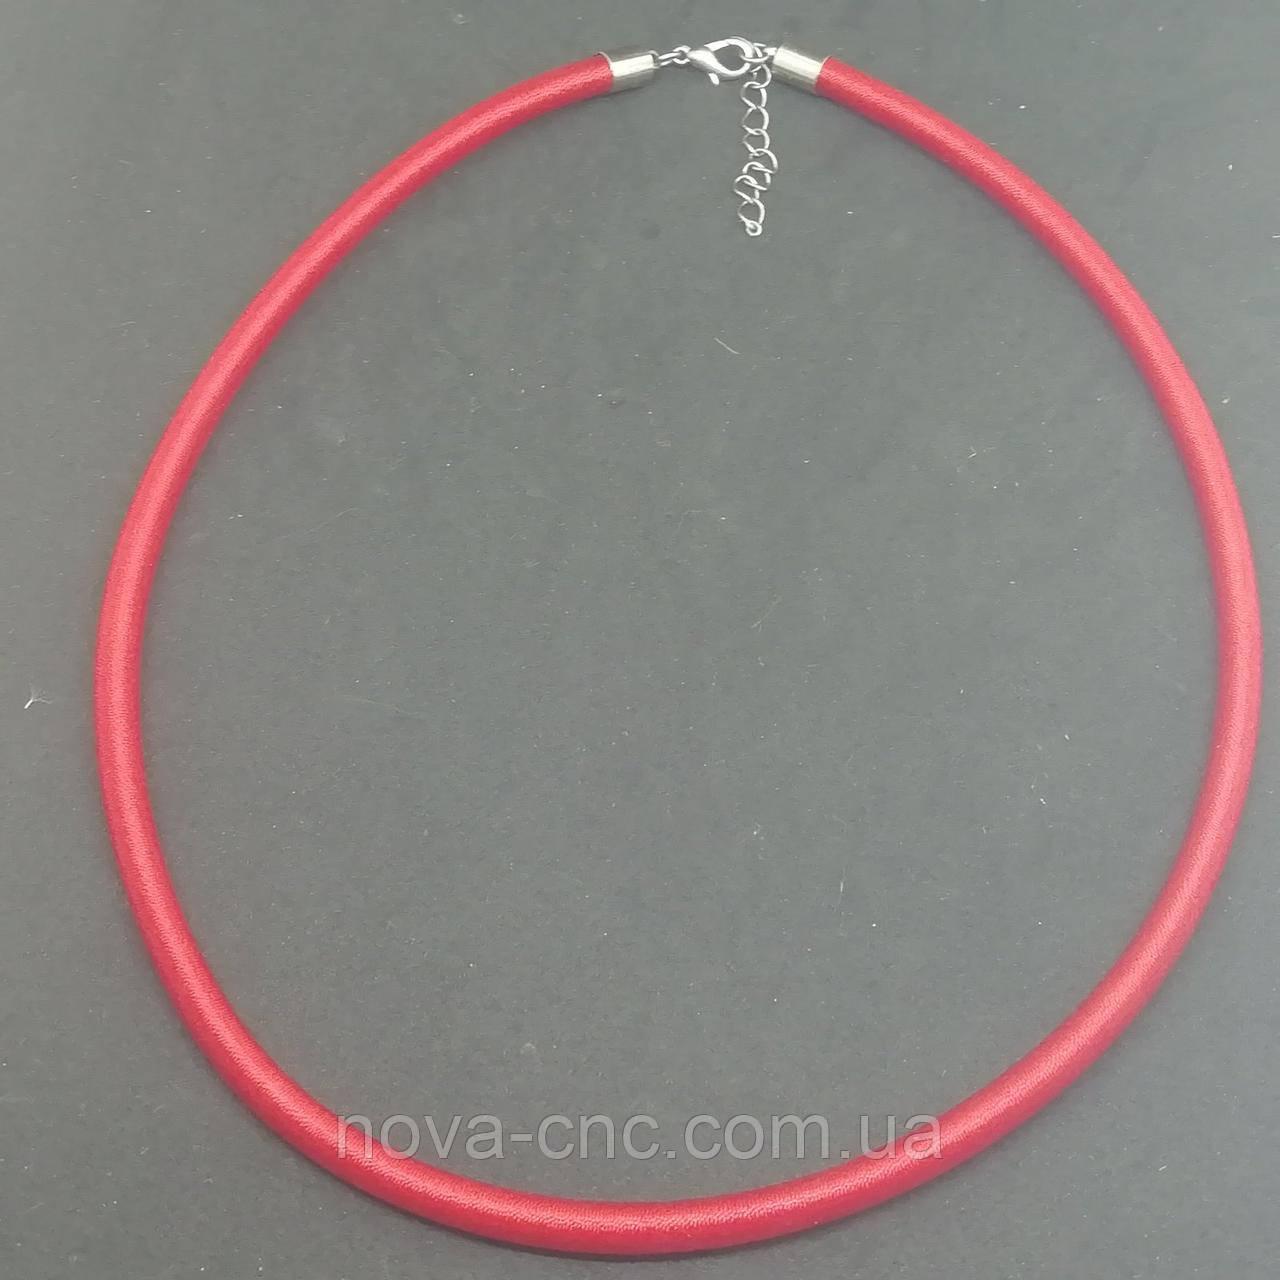 Шнур-основа для колье и ожерелья с застежкой 45 см + 4 см цепь красный